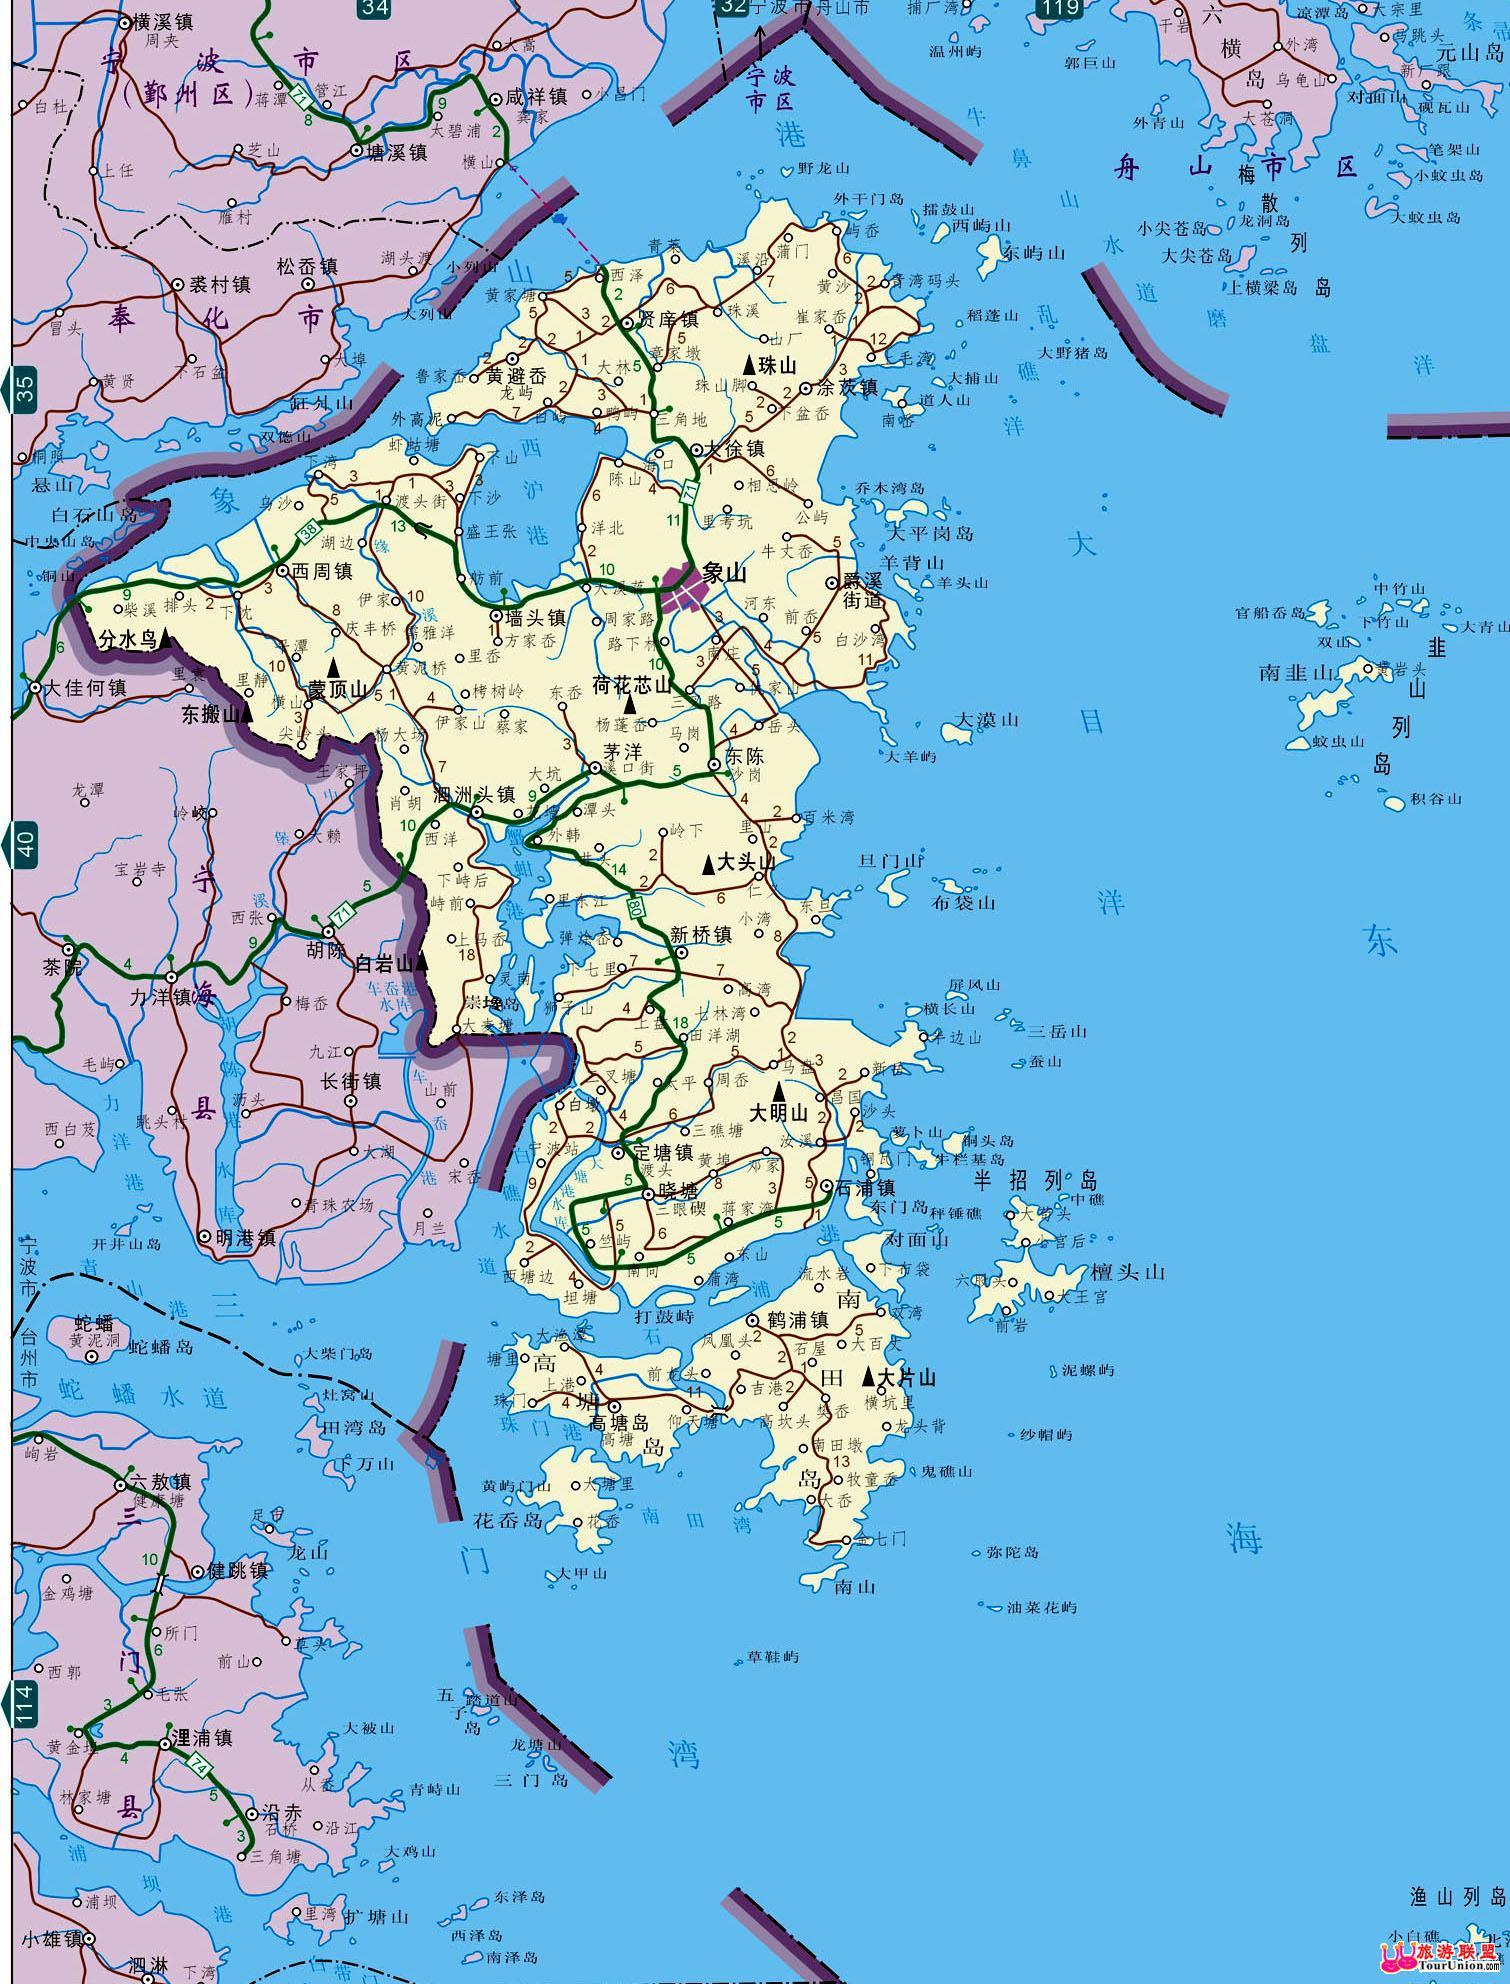 图行本地:··象山电子地图·象山风光图库·图行